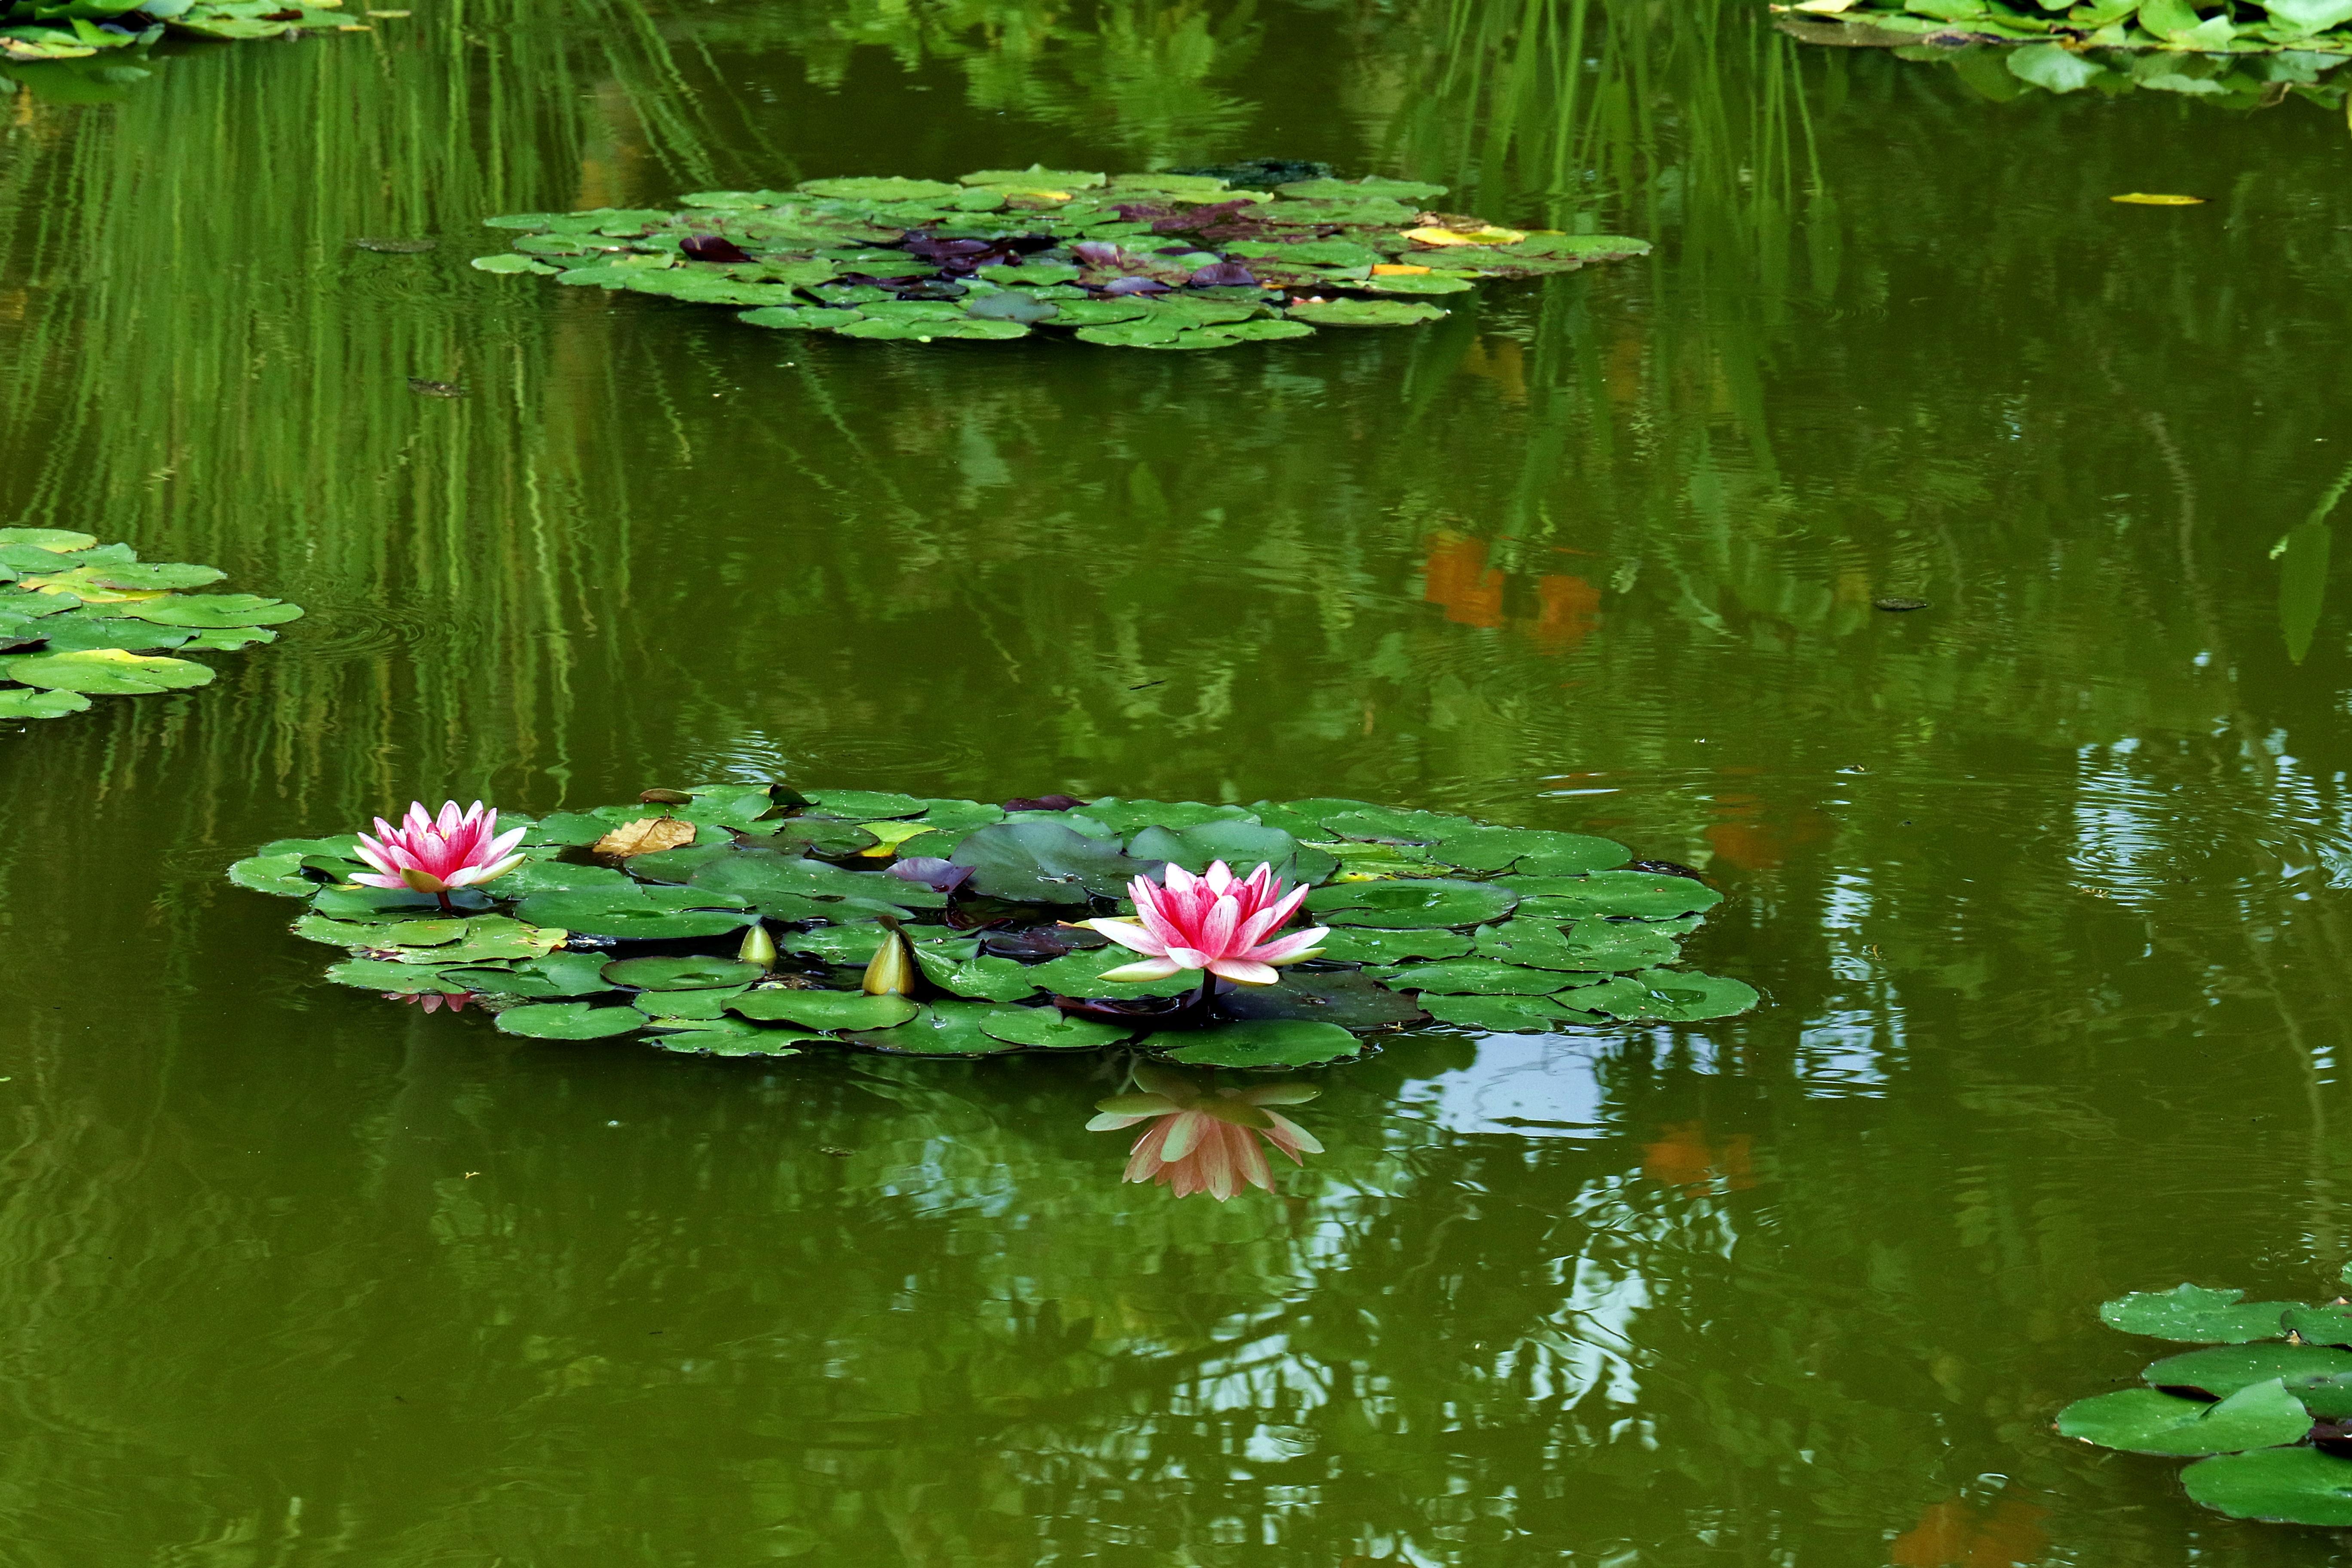 Картинка кувшинки на пруду